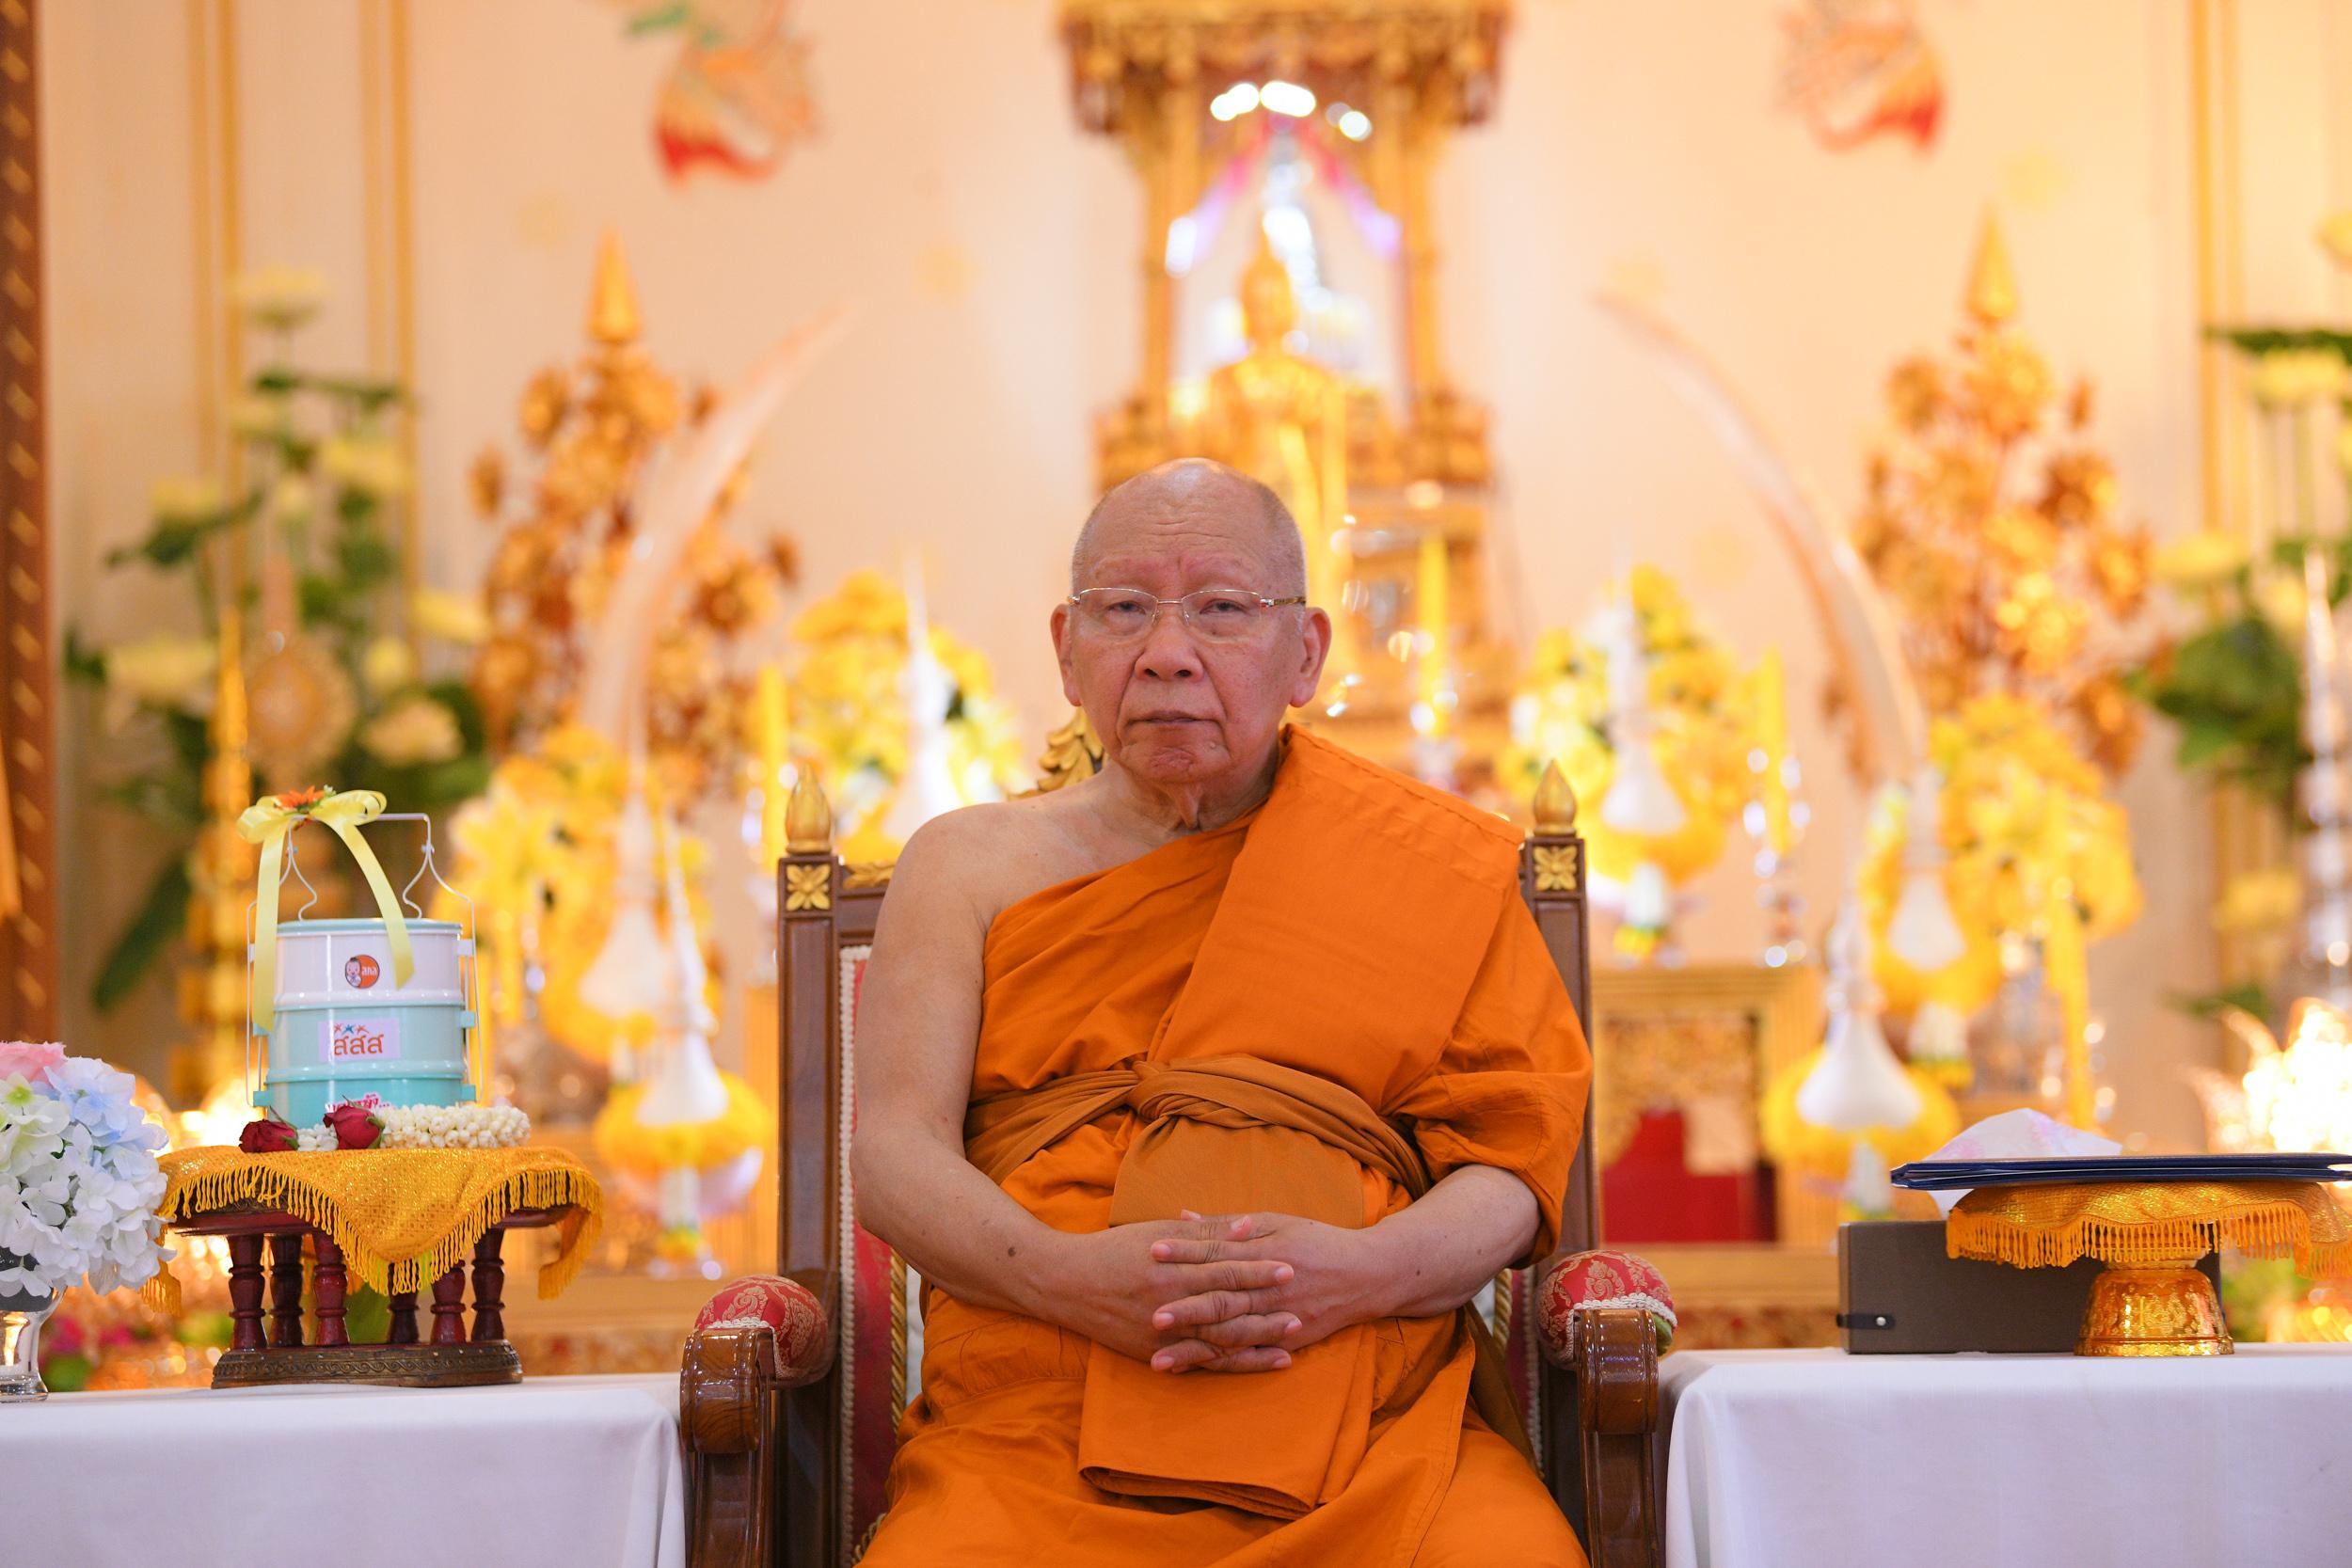 งดเหล้าเข้าพรรษา ช่วยลดอุบัติเหตุ-ประหยัดค่าใช้จ่าย thaihealth